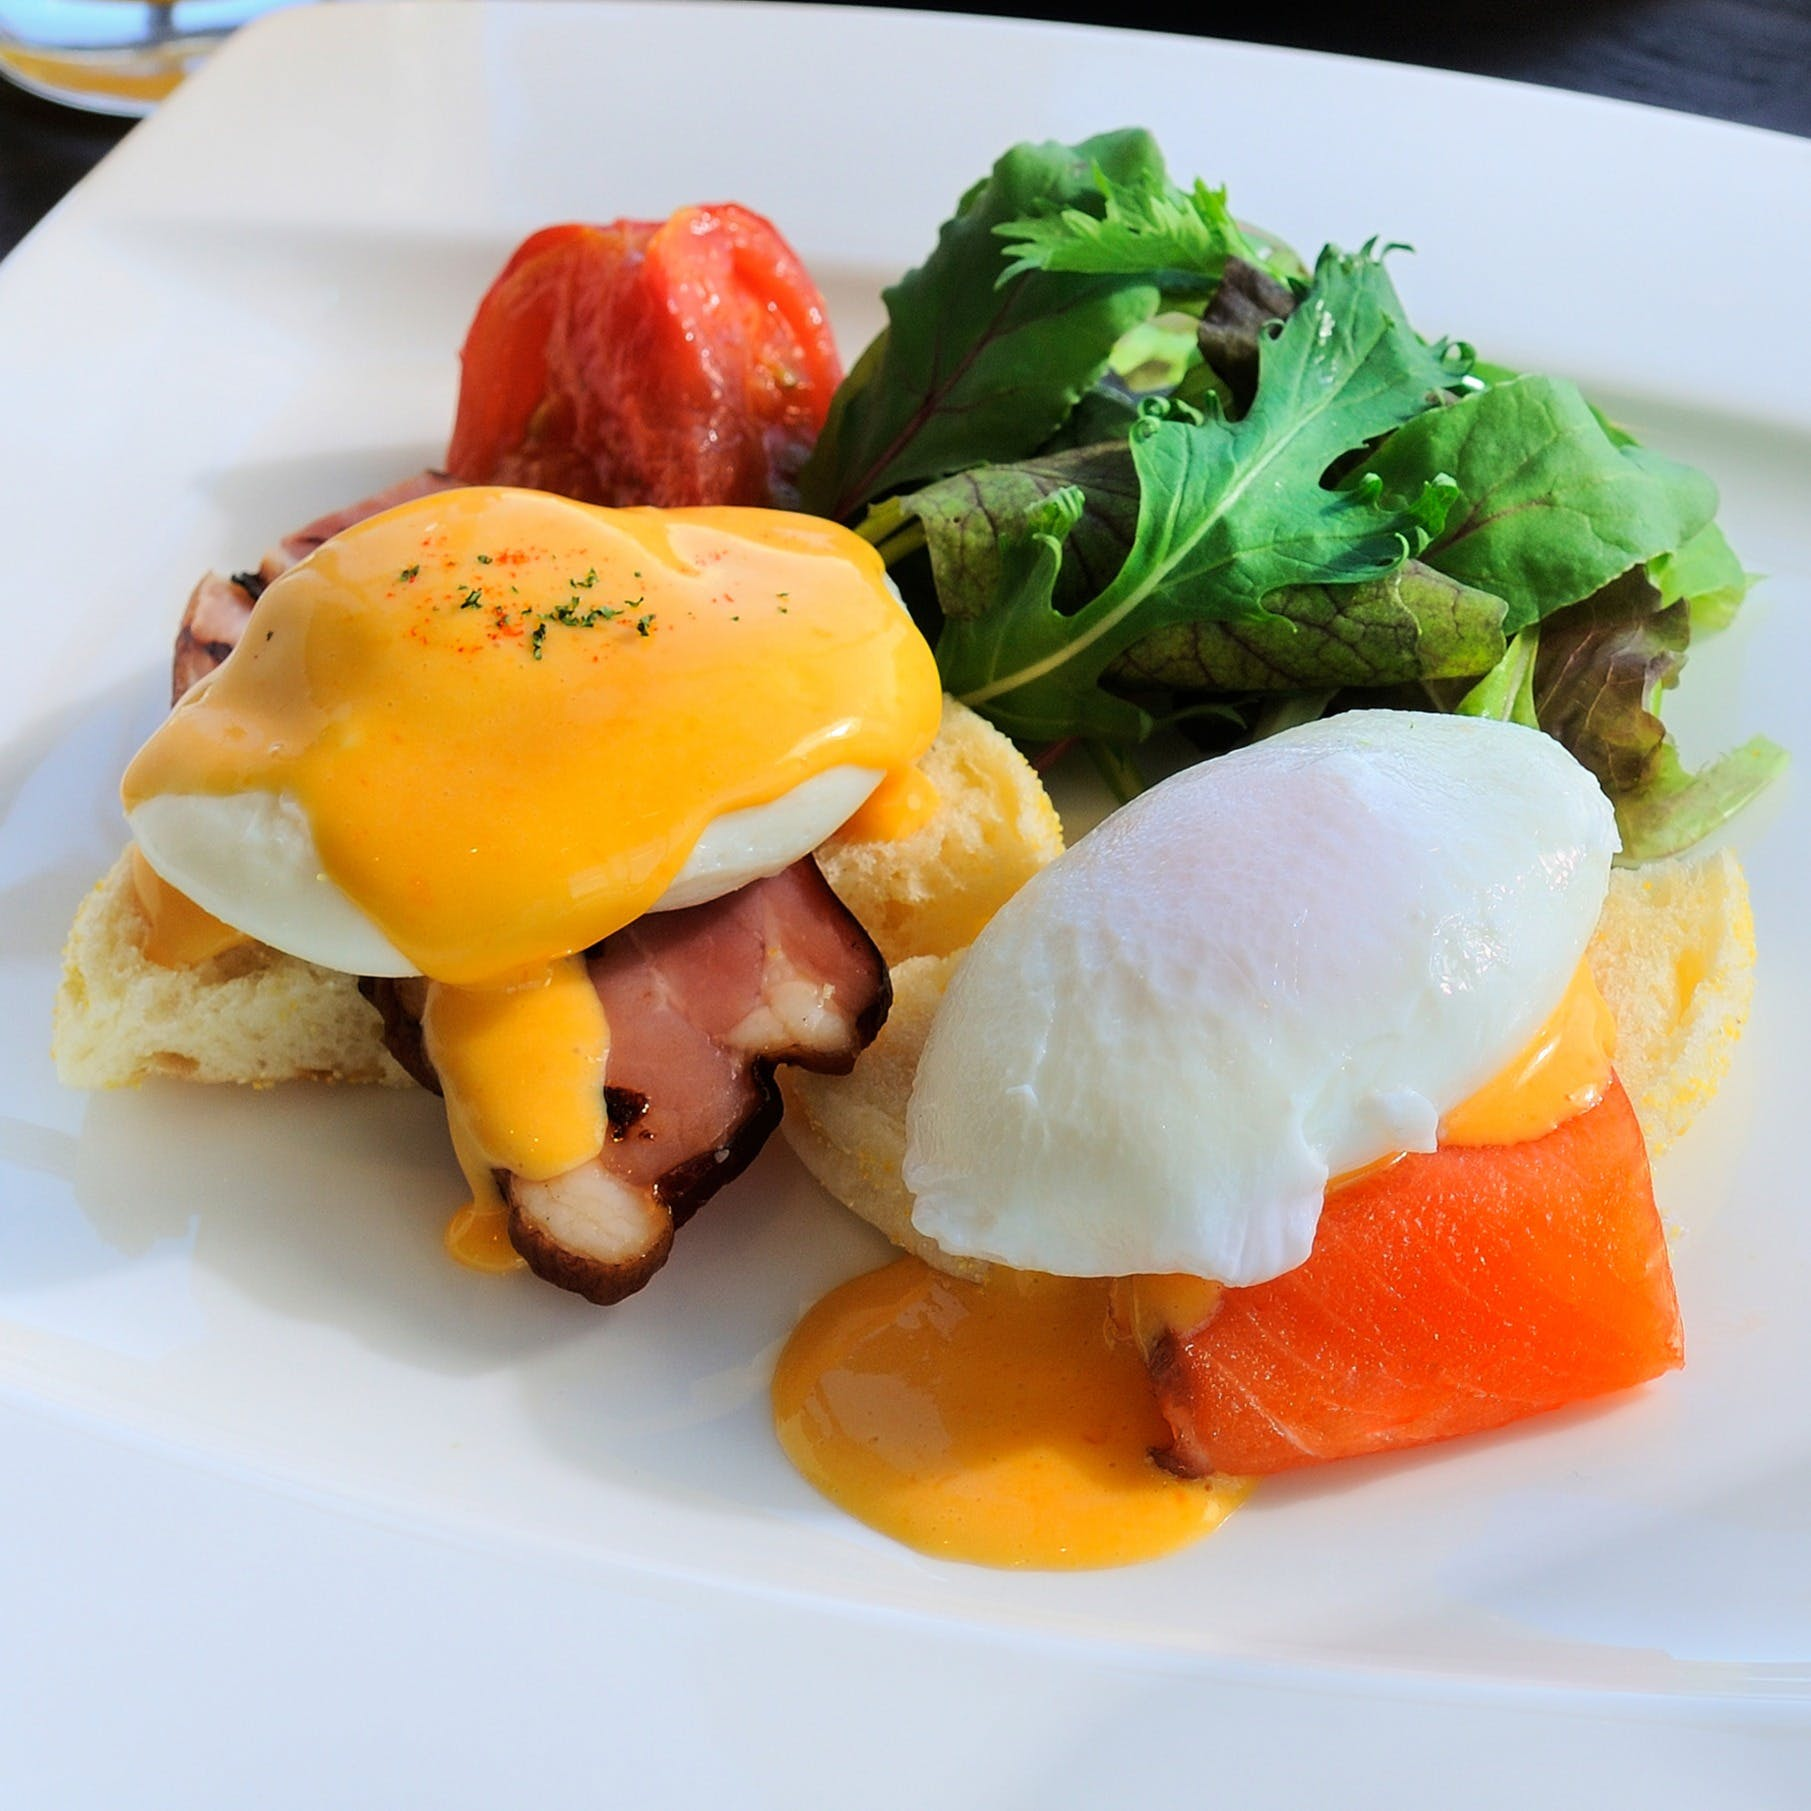 ザ・ゲートホテルブランドの定評のある朝食メニュー